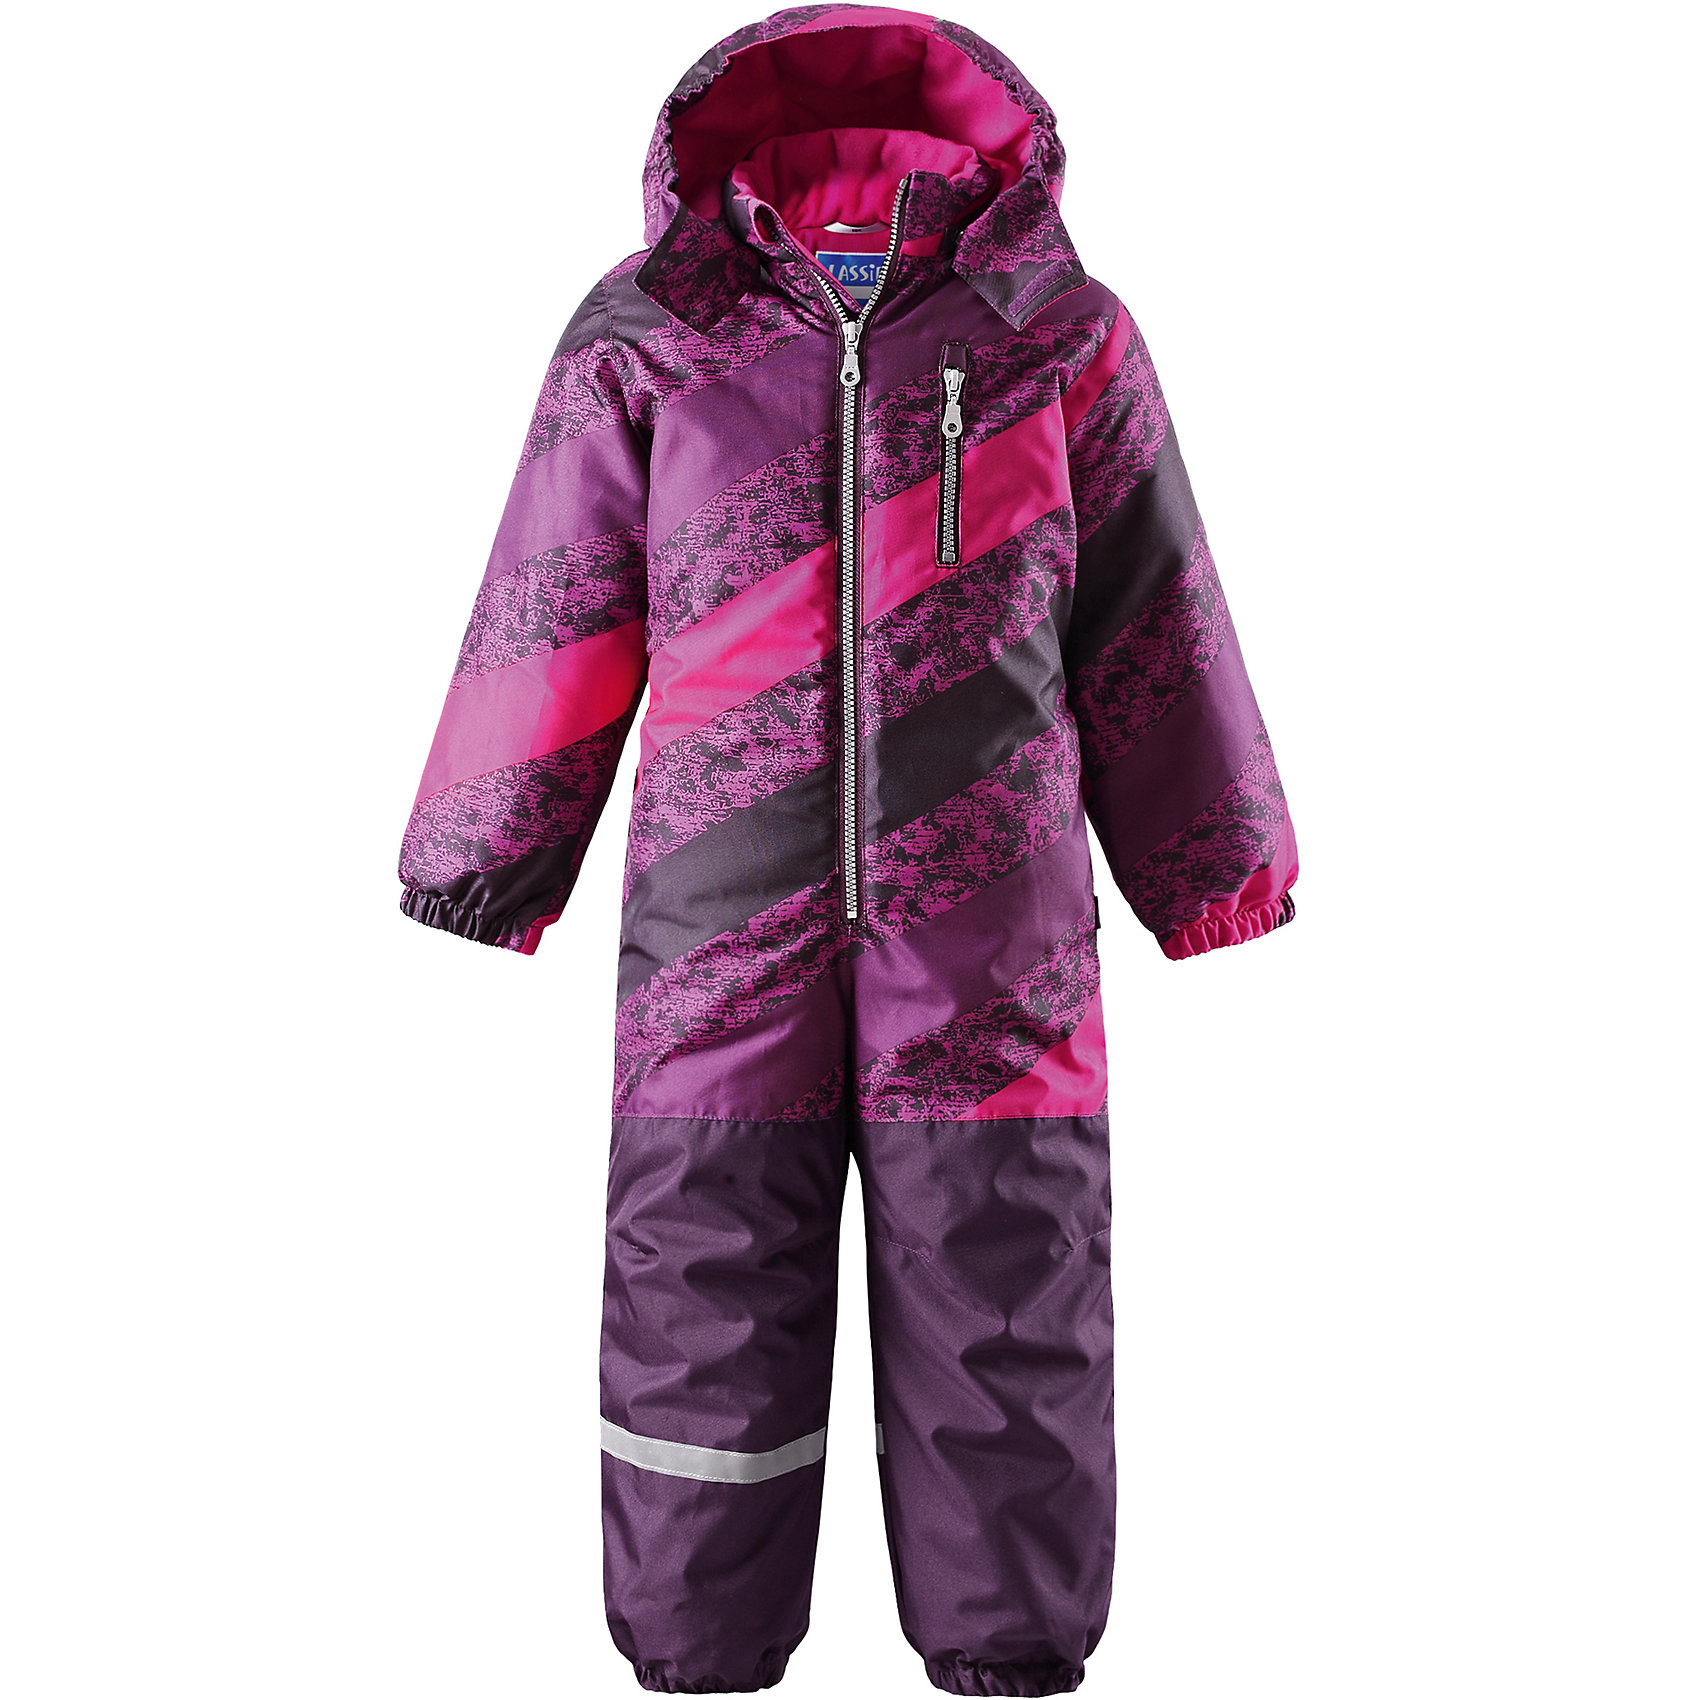 Комбинезон LASSIEОдежда<br>Зимний комбинезон для детей известной финской марки.<br><br>- Прочный материал. Водоотталкивающий, ветронепроницаемый, «дышащий» и грязеотталкивающий материал.<br>-  Задний серединный шов проклеен. Гладкая подкладка из полиэстра. <br>- Средняя степень утепления. <br>- Безопасный, съемный капюшон. Эластичные манжеты. Эластичные штанины.<br>-  Съемные эластичные штрипки. Нагрудный карман на молнии. <br>- Принт по всей поверхности.  <br><br>Рекомендации по уходу: Стирать по отдельности, вывернув наизнанку. Застегнуть молнии и липучки. Соблюдать температуру в соответствии с руководством по уходу. Стирать моющим средством, не содержащим отбеливающие вещества. Полоскать без специального средства. Сушение в сушильном шкафу разрешено при  низкой температуре.<br><br>Состав: 100% Полиамид, полиуретановое покрытие.  Утеплитель «Lassie wadding» 180гр.<br><br>Ширина мм: 356<br>Глубина мм: 10<br>Высота мм: 245<br>Вес г: 519<br>Цвет: фиолетовый<br>Возраст от месяцев: 12<br>Возраст до месяцев: 15<br>Пол: Женский<br>Возраст: Детский<br>Размер: 80,128,86,92,98,104,110,116,122<br>SKU: 4781958